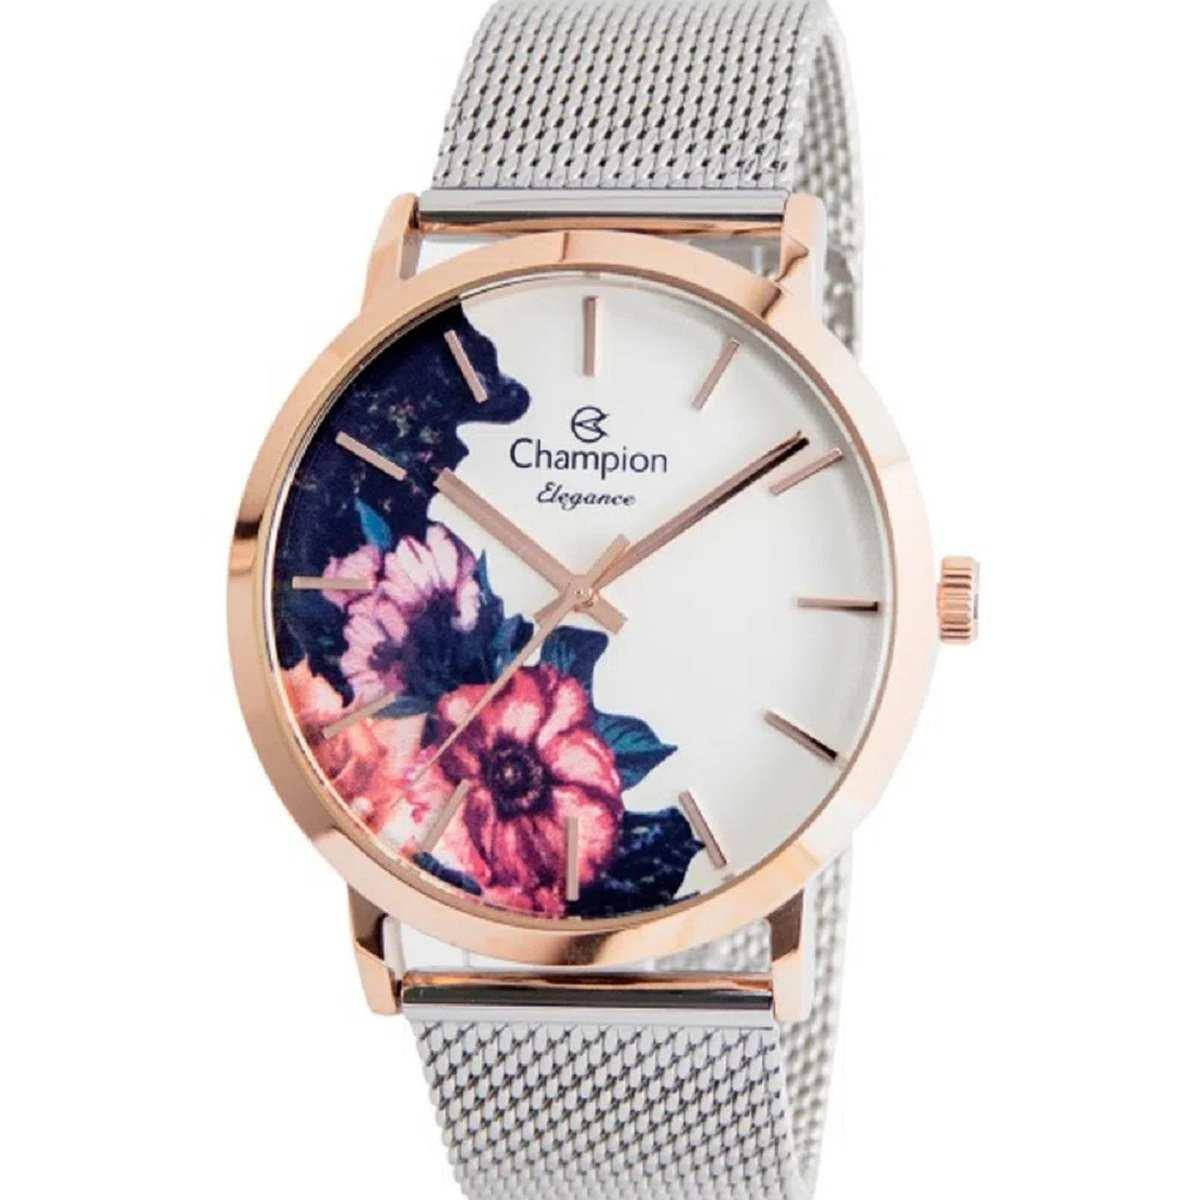 Relógio Feminino Champion Rose/Prateado CN20739Z